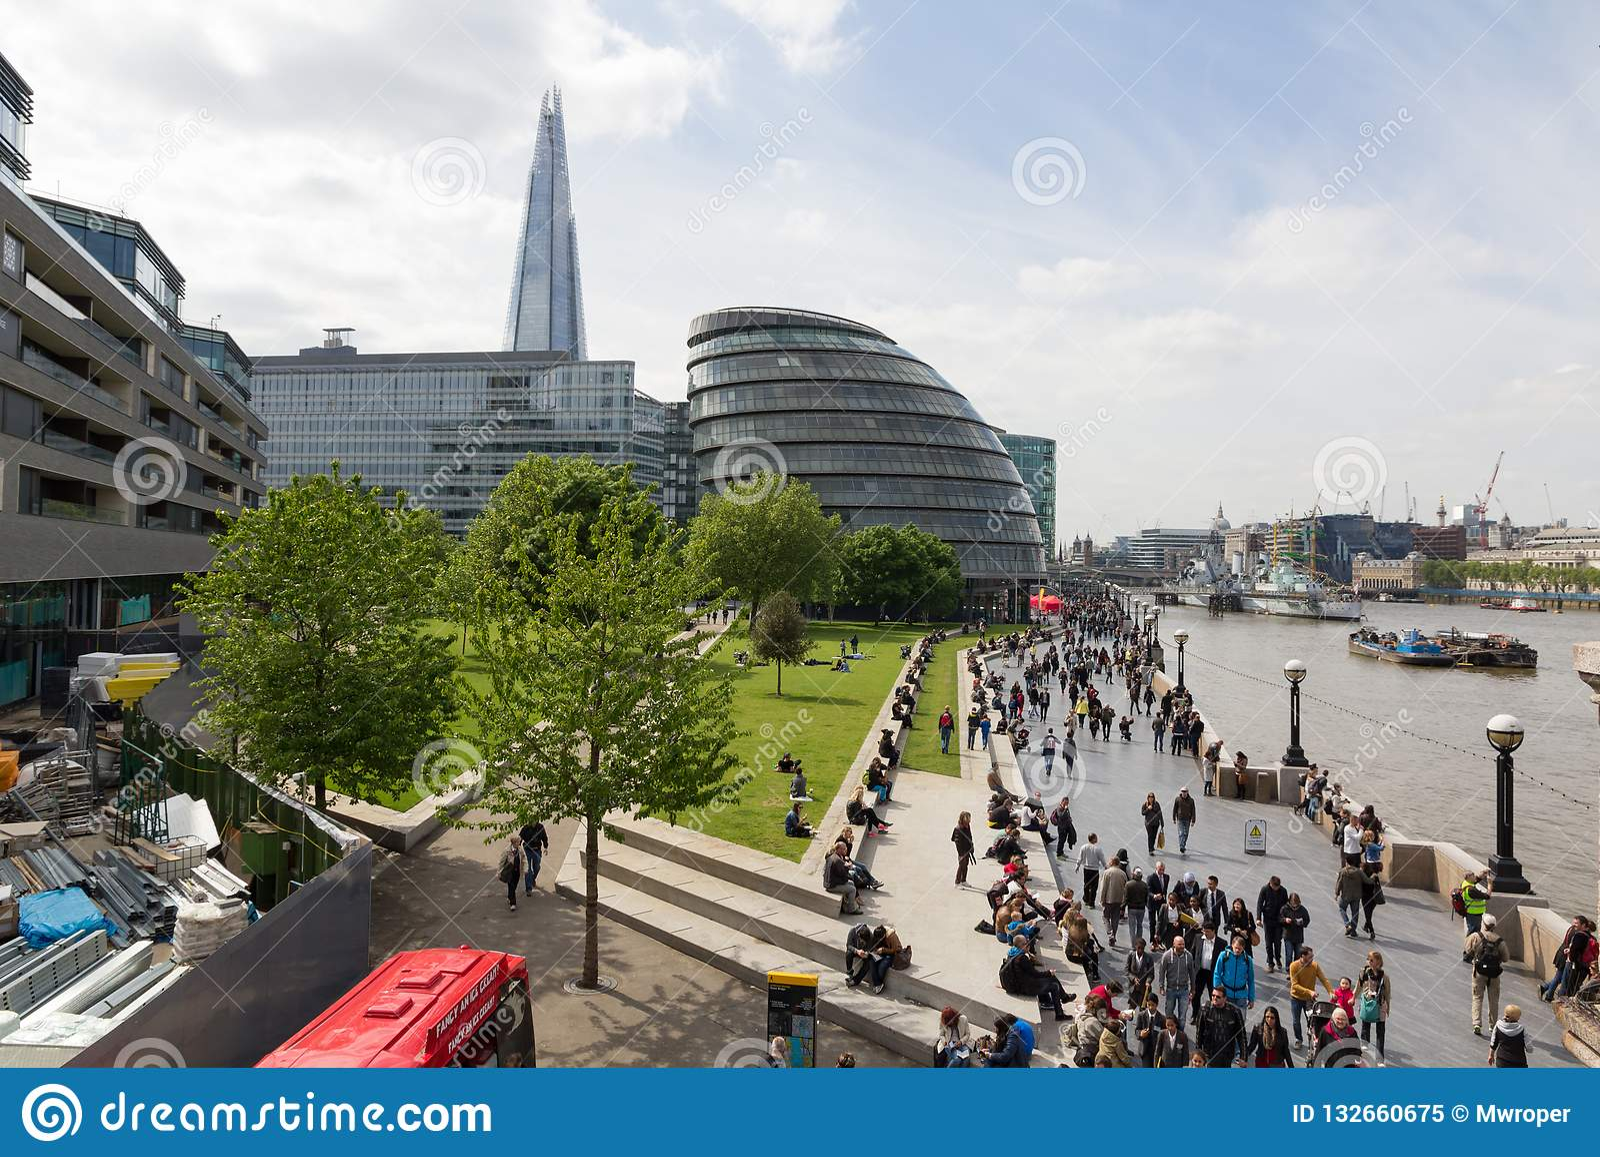 LONDRES, REINO UNIDO - 15 DE MAYO DE 2015 - el Southbank con muchos